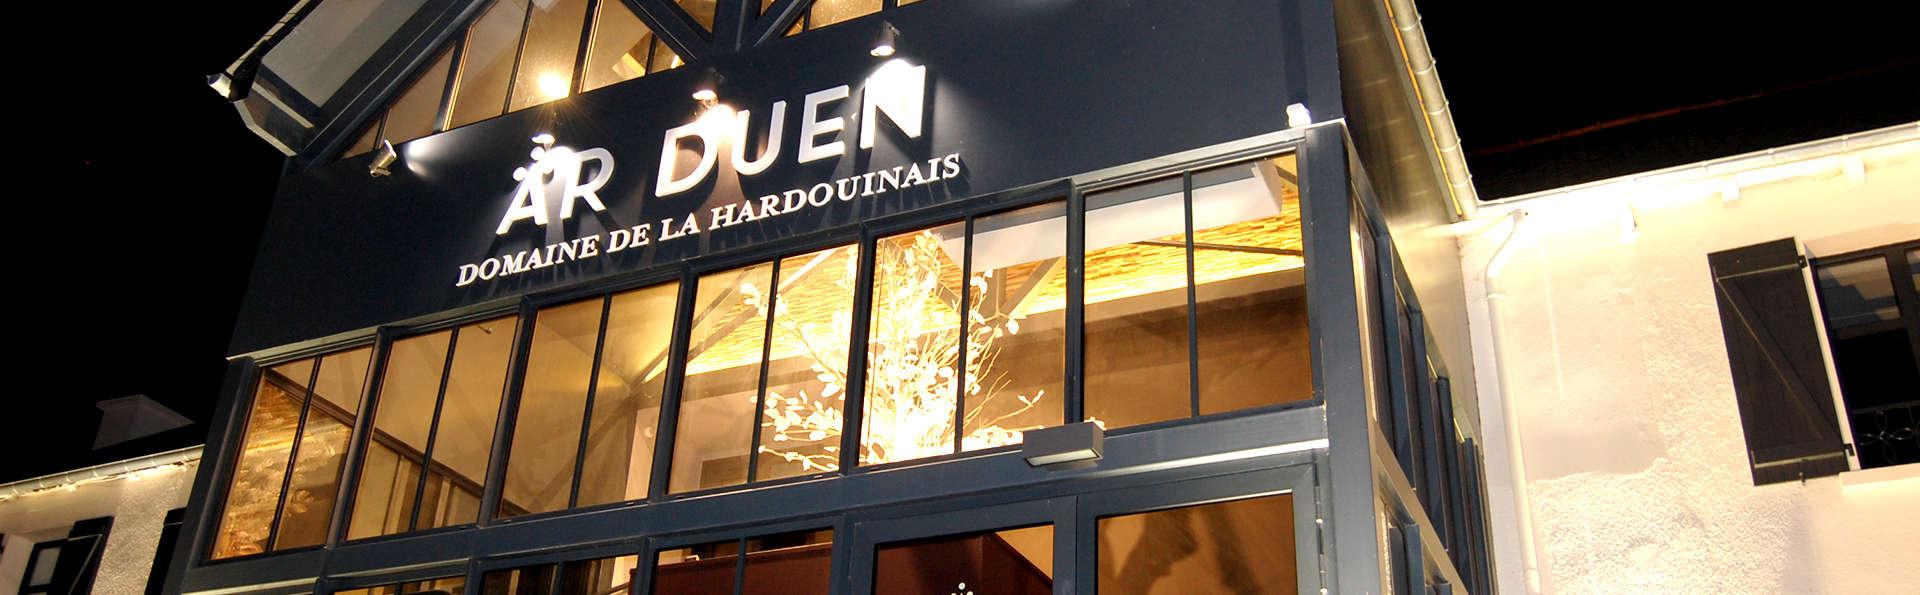 Auberge de La Hardouinais - Ar Duen - Edit_Front2.jpg